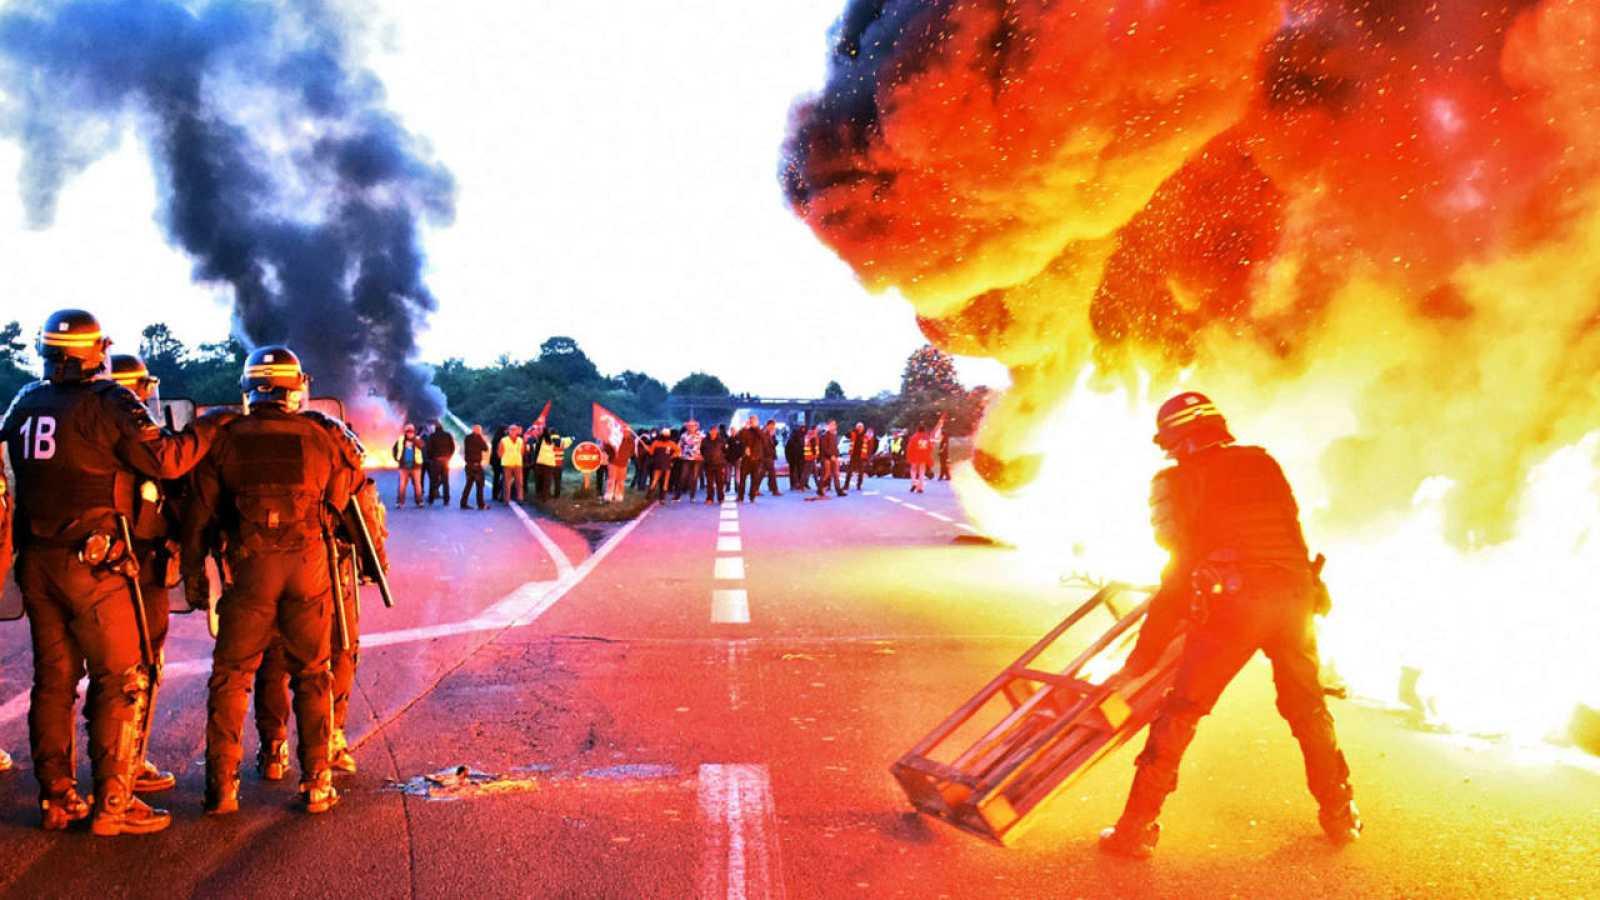 Los antidisturbios se preparan para levantar el bloqueo de una refinería francesa